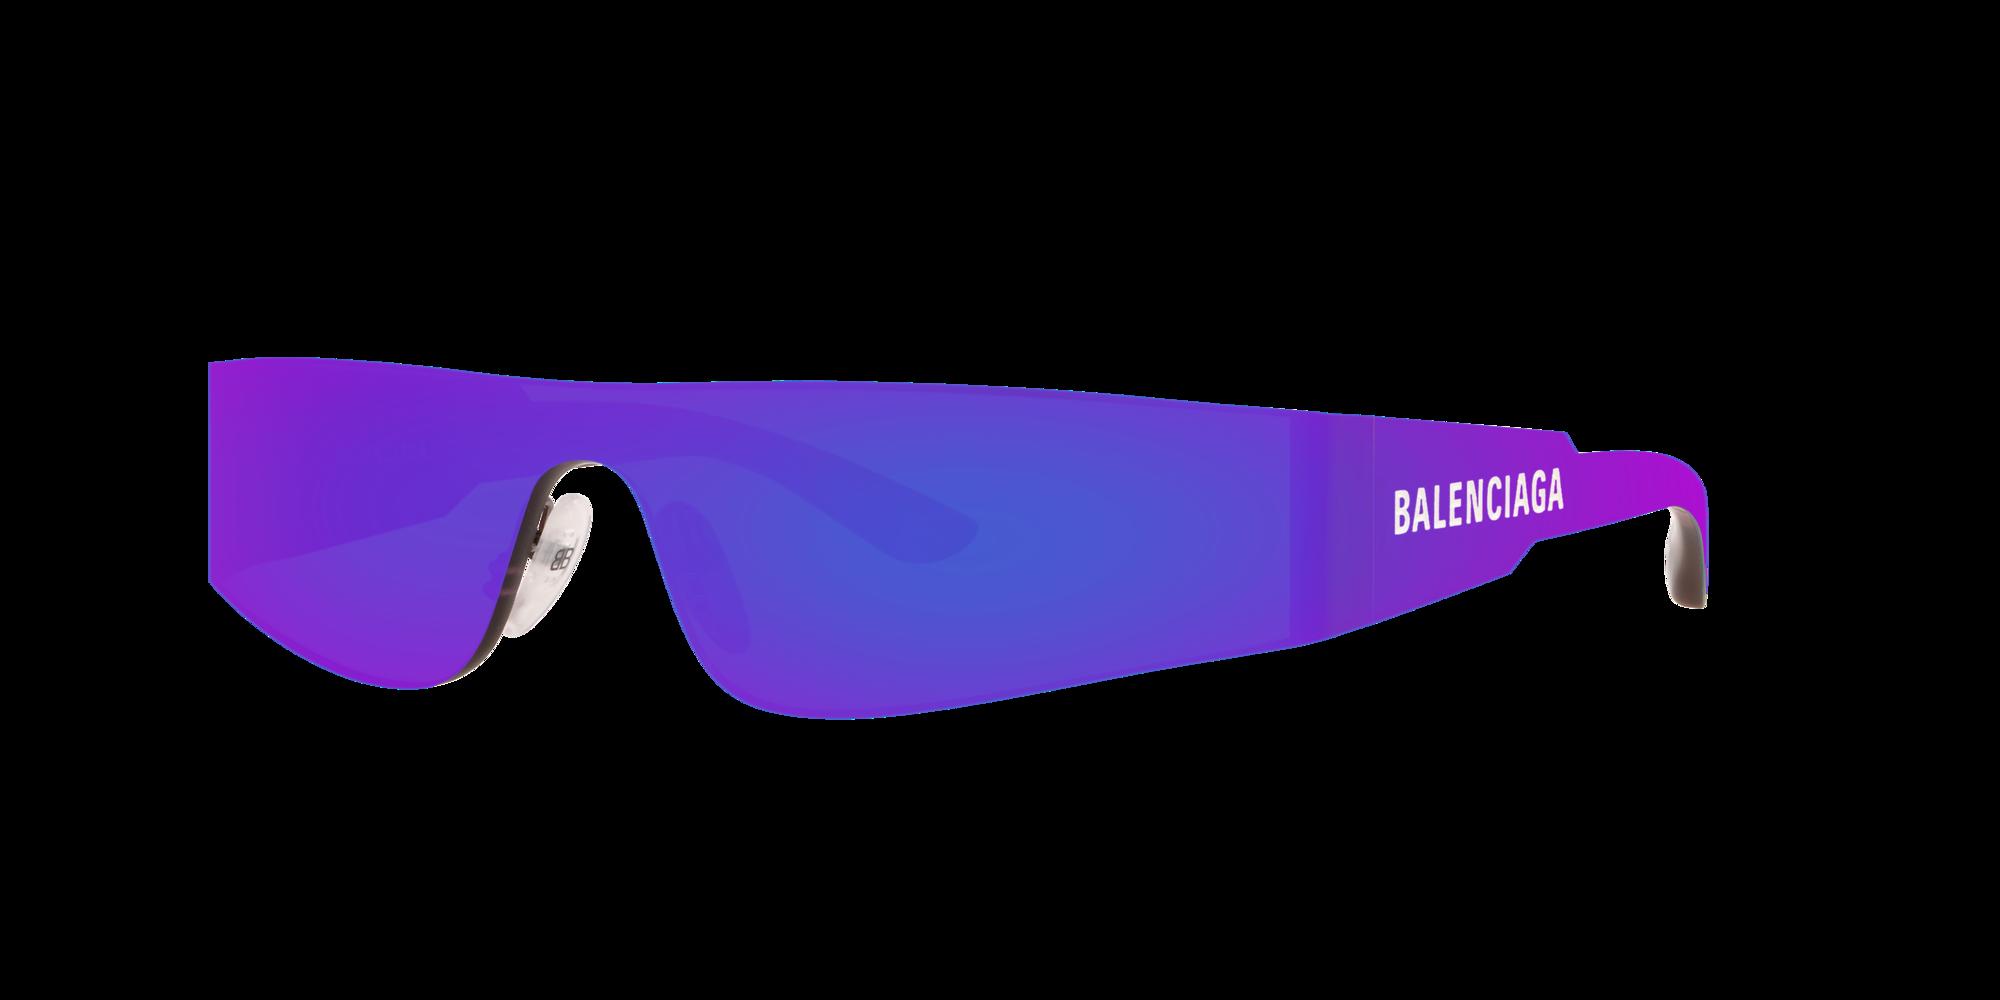 Balenciaga Unisex  6E000192 -  Frame color: Violett, Lens color: Violett